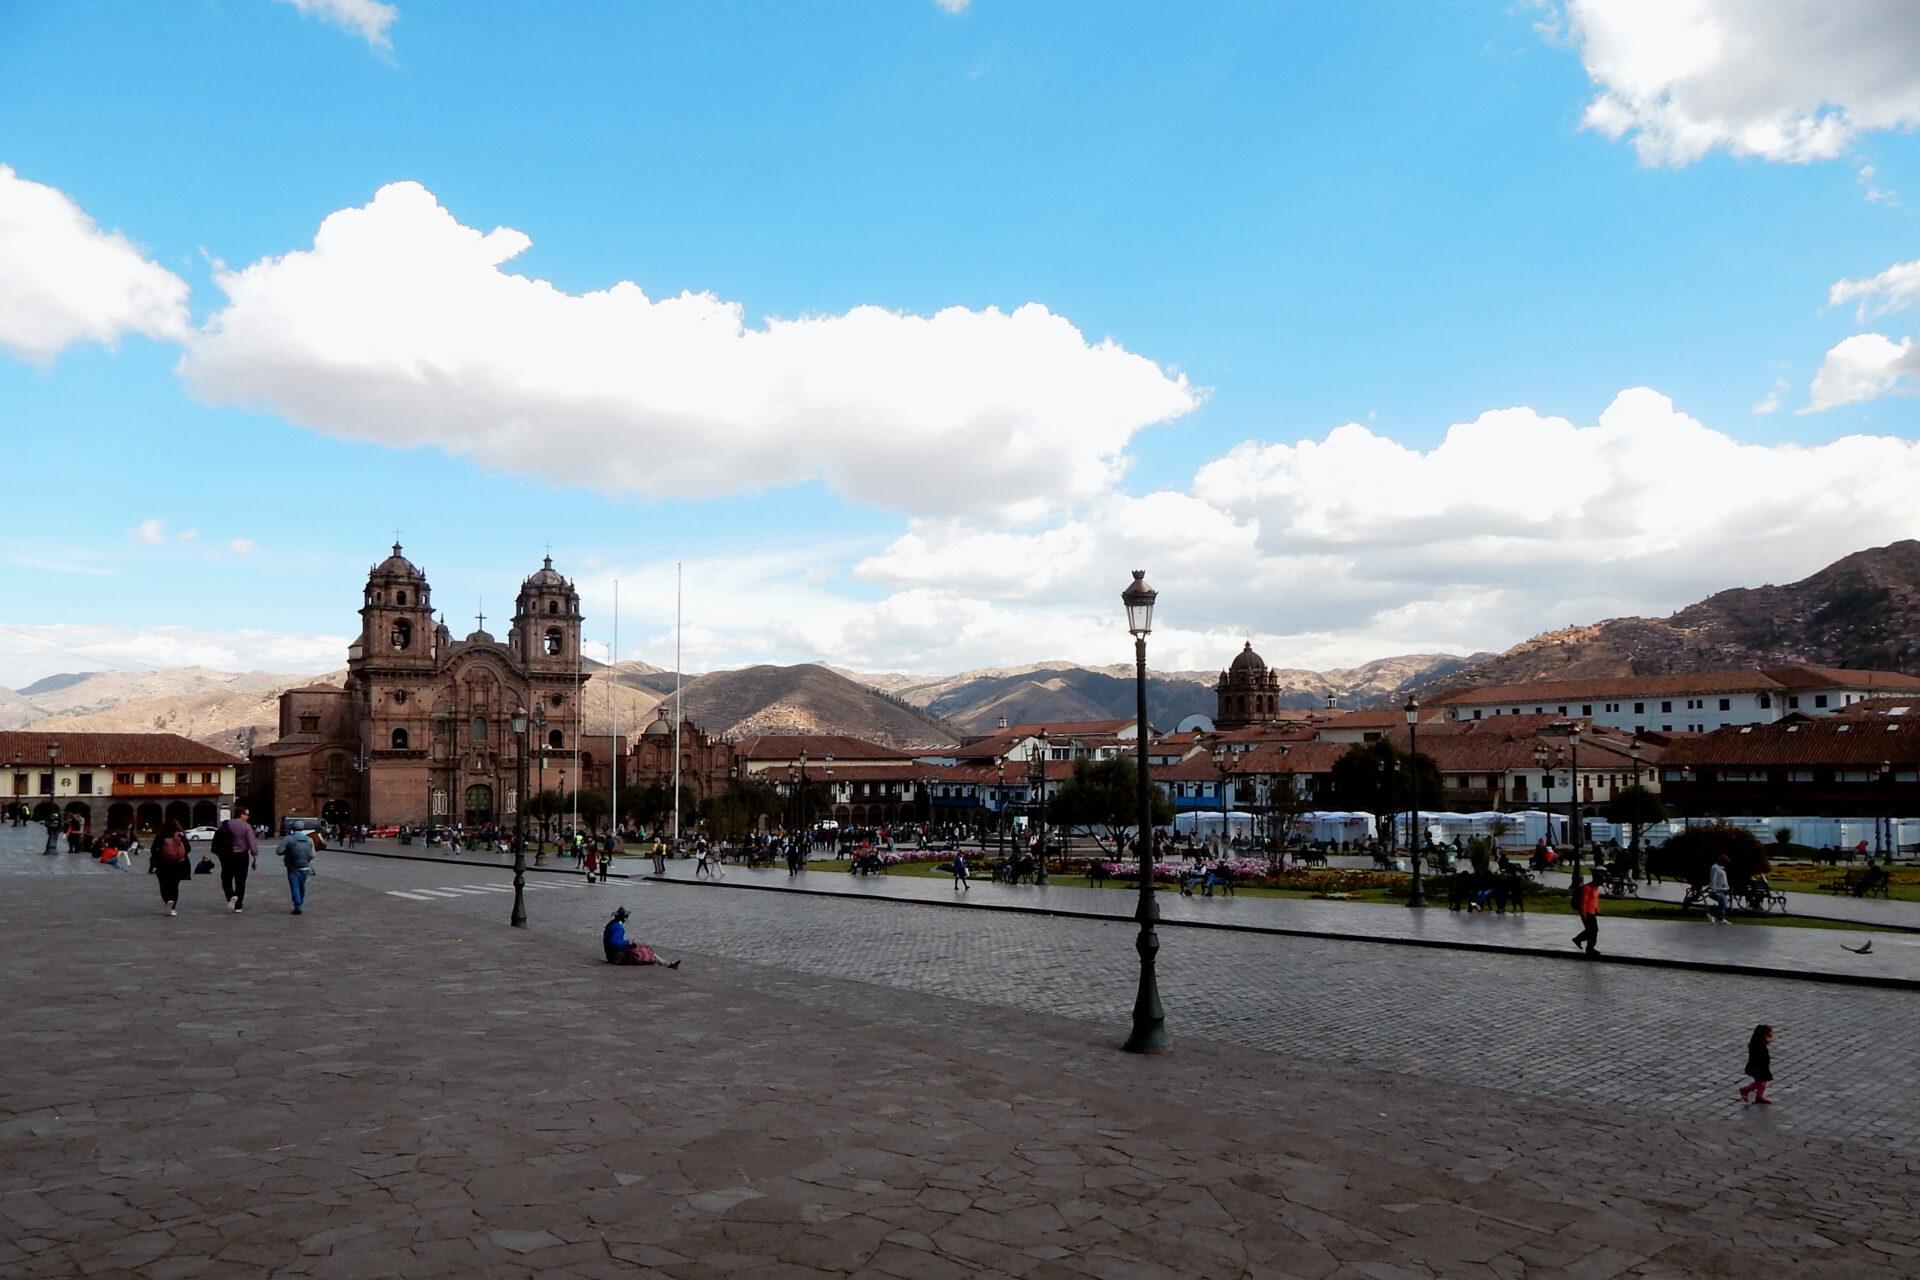 Peru - Cusco - Unsere Highlights der alten Inka-Stadt